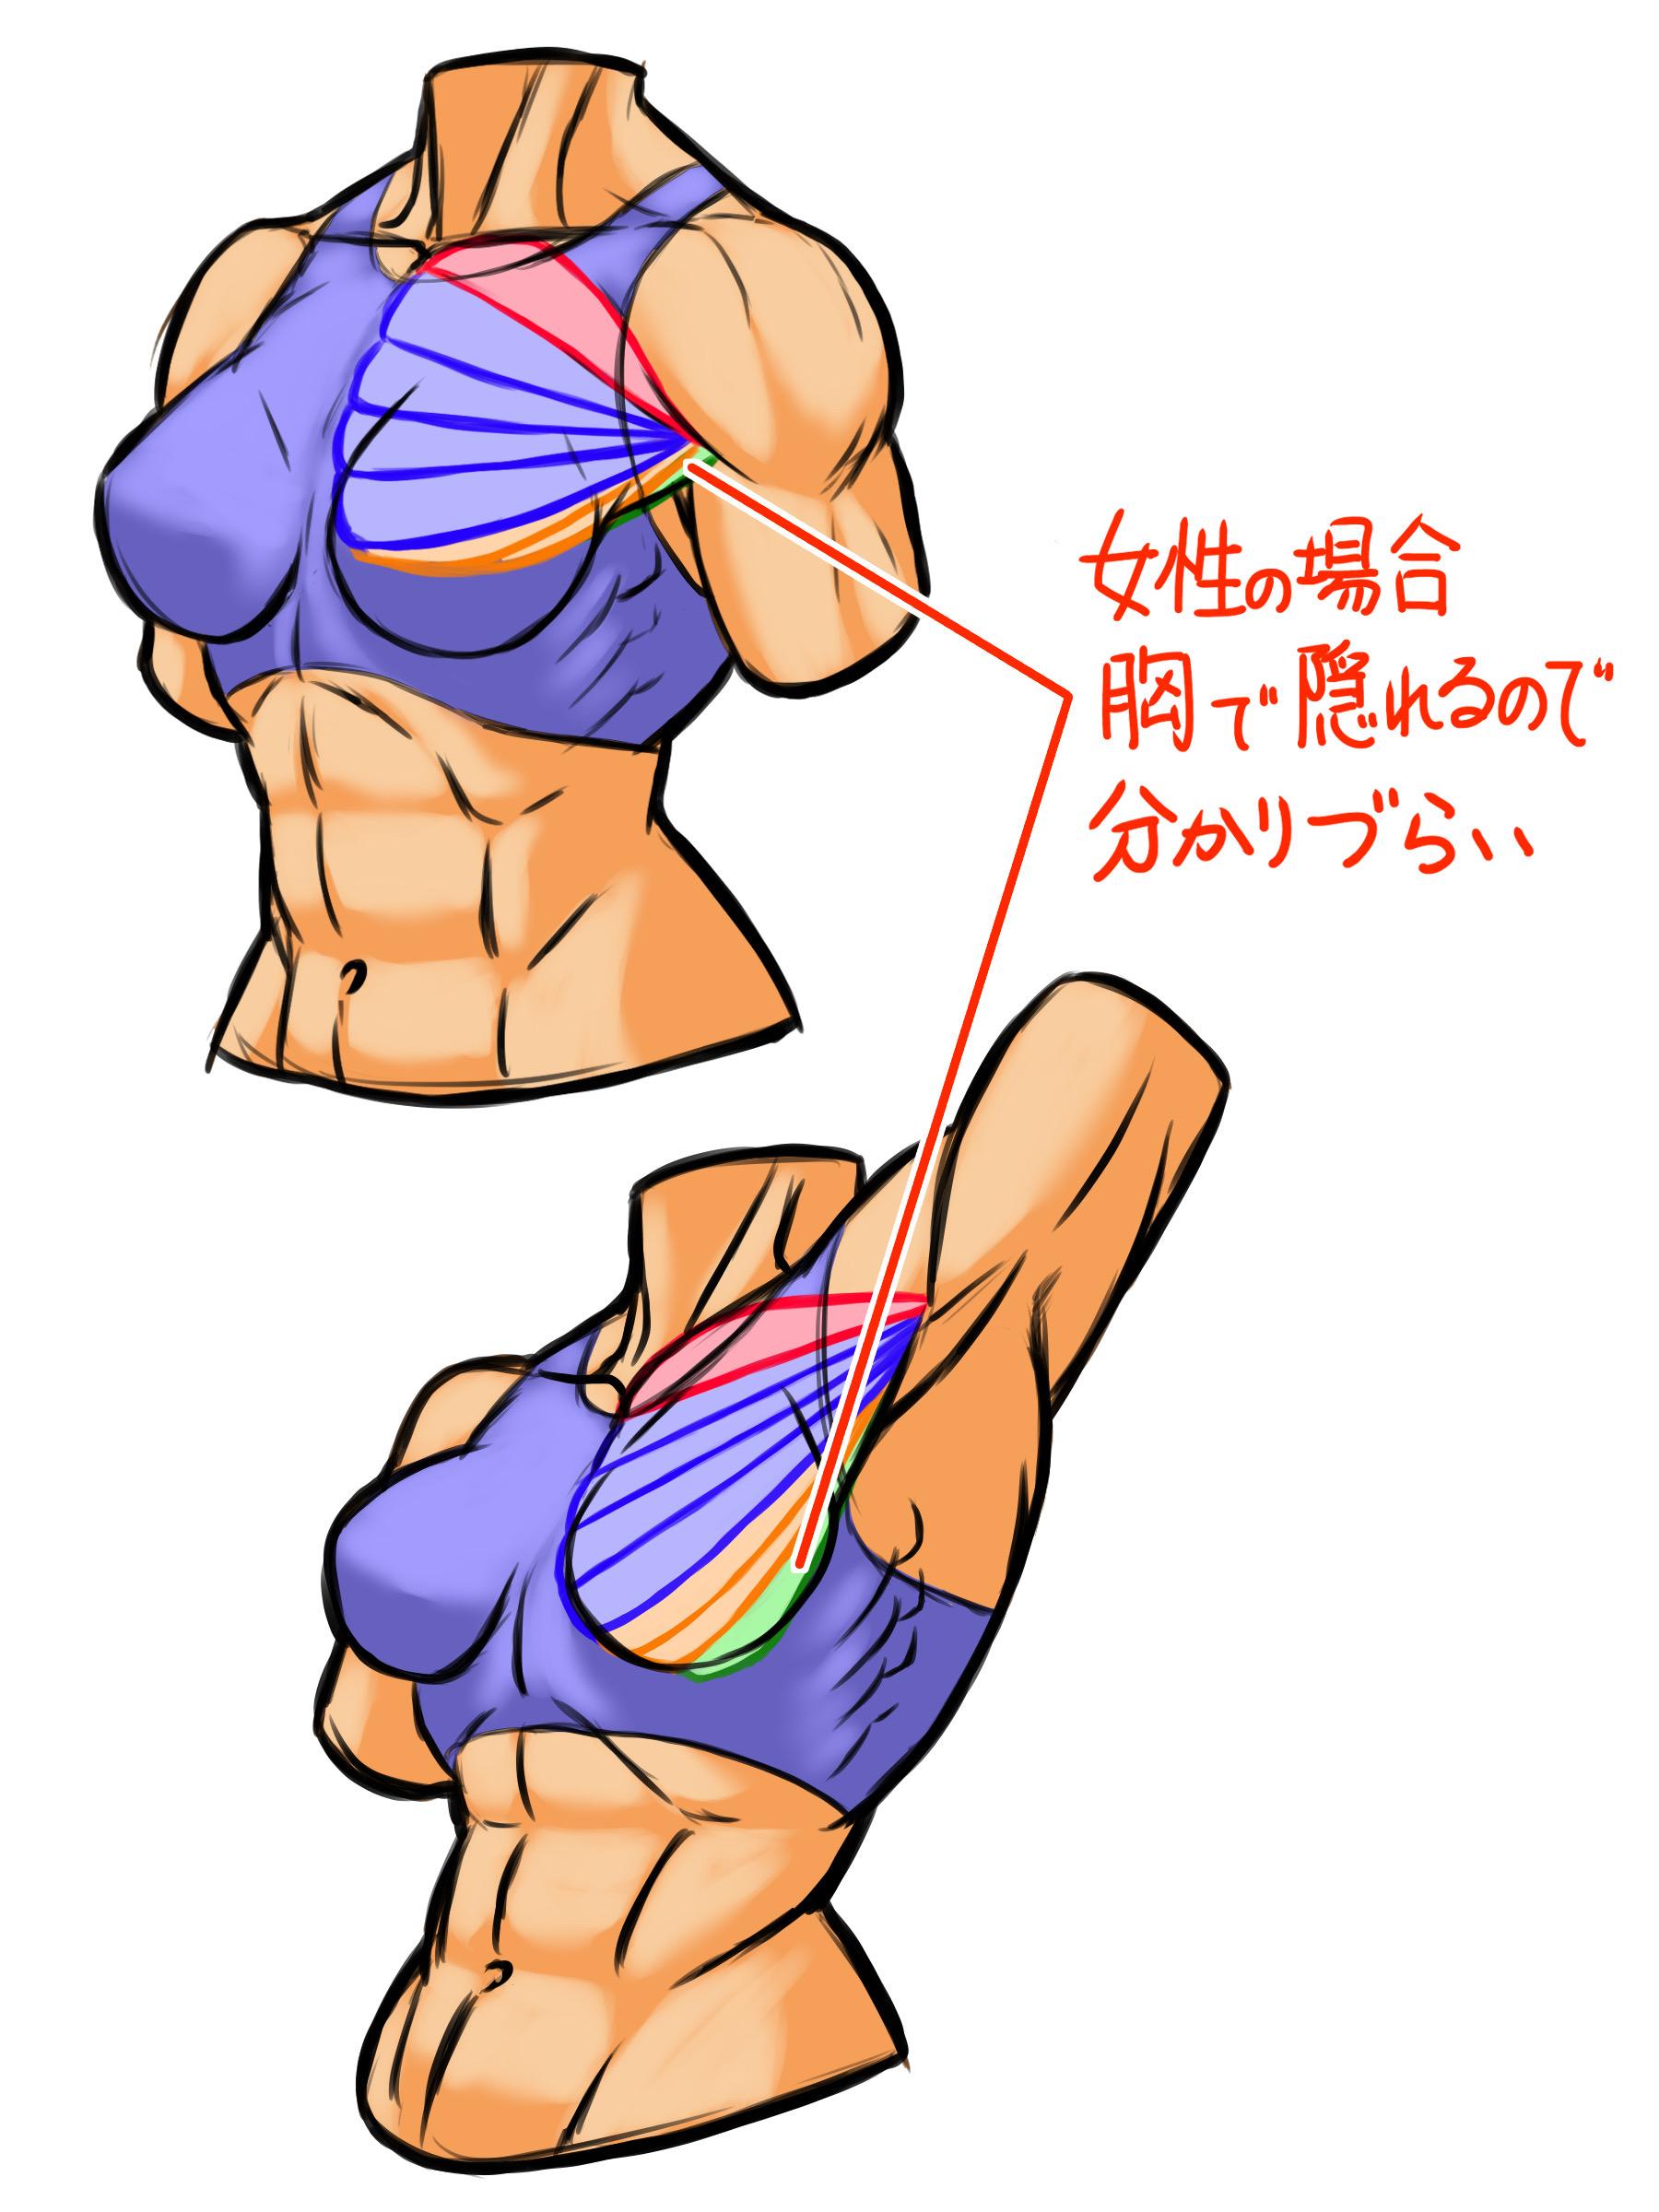 女性の場合も骨格などの大きさ形は違うものの構造は同じですが、外腹斜筋から上腕骨へつながる筋肉は胸がある分わかりにくいかもしれません。